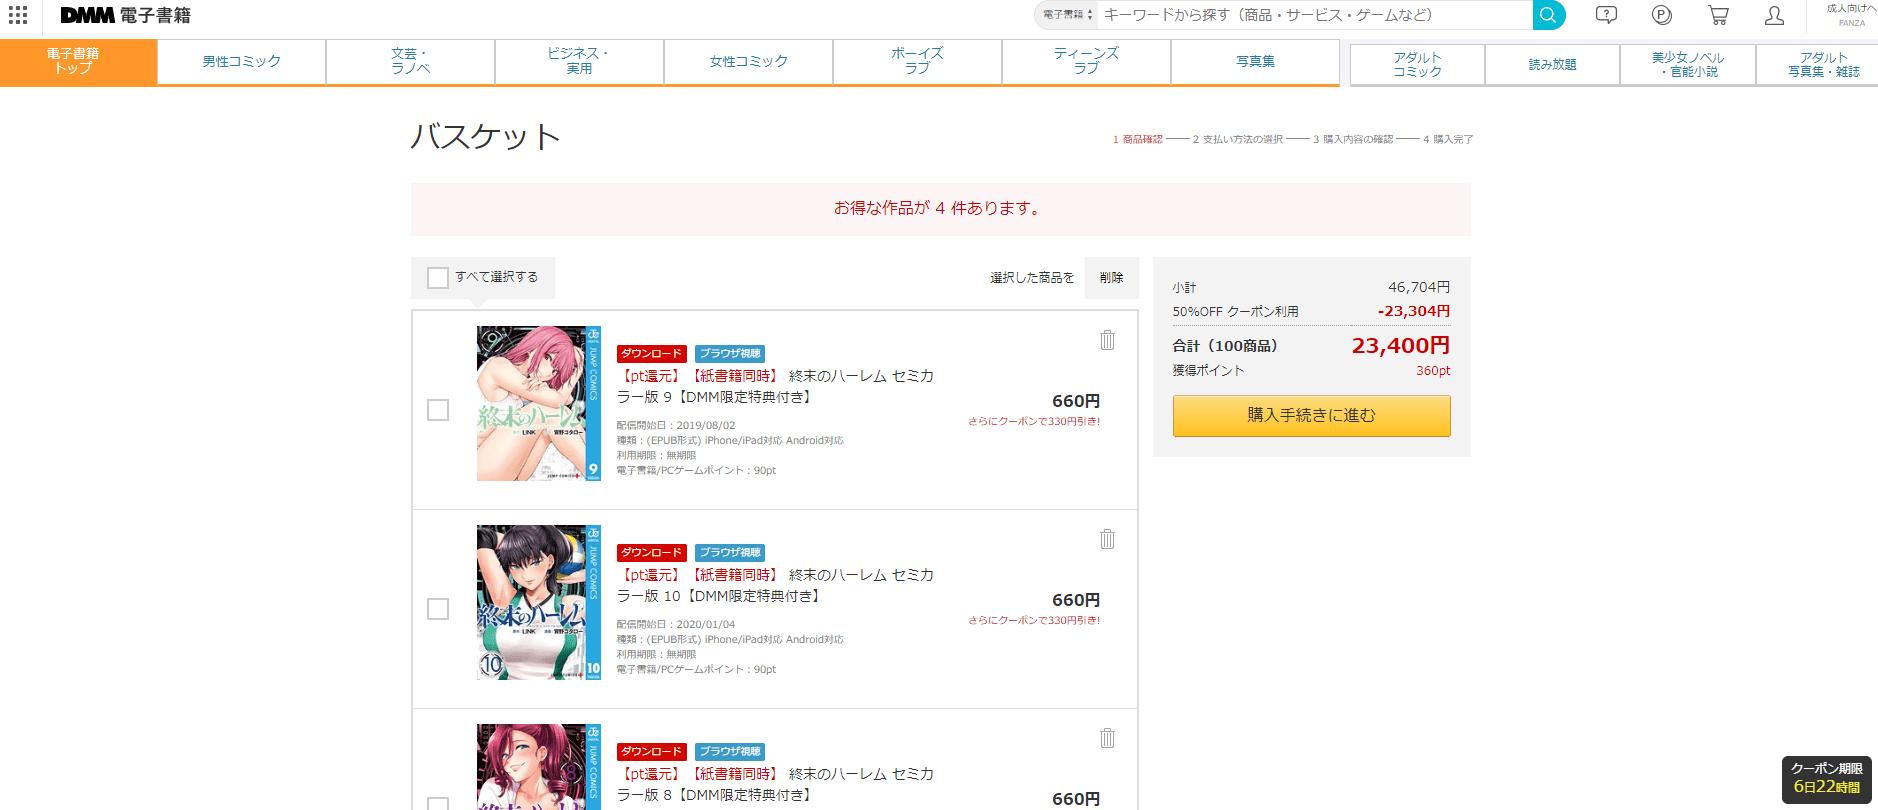 漫画_エロ_一般_100冊